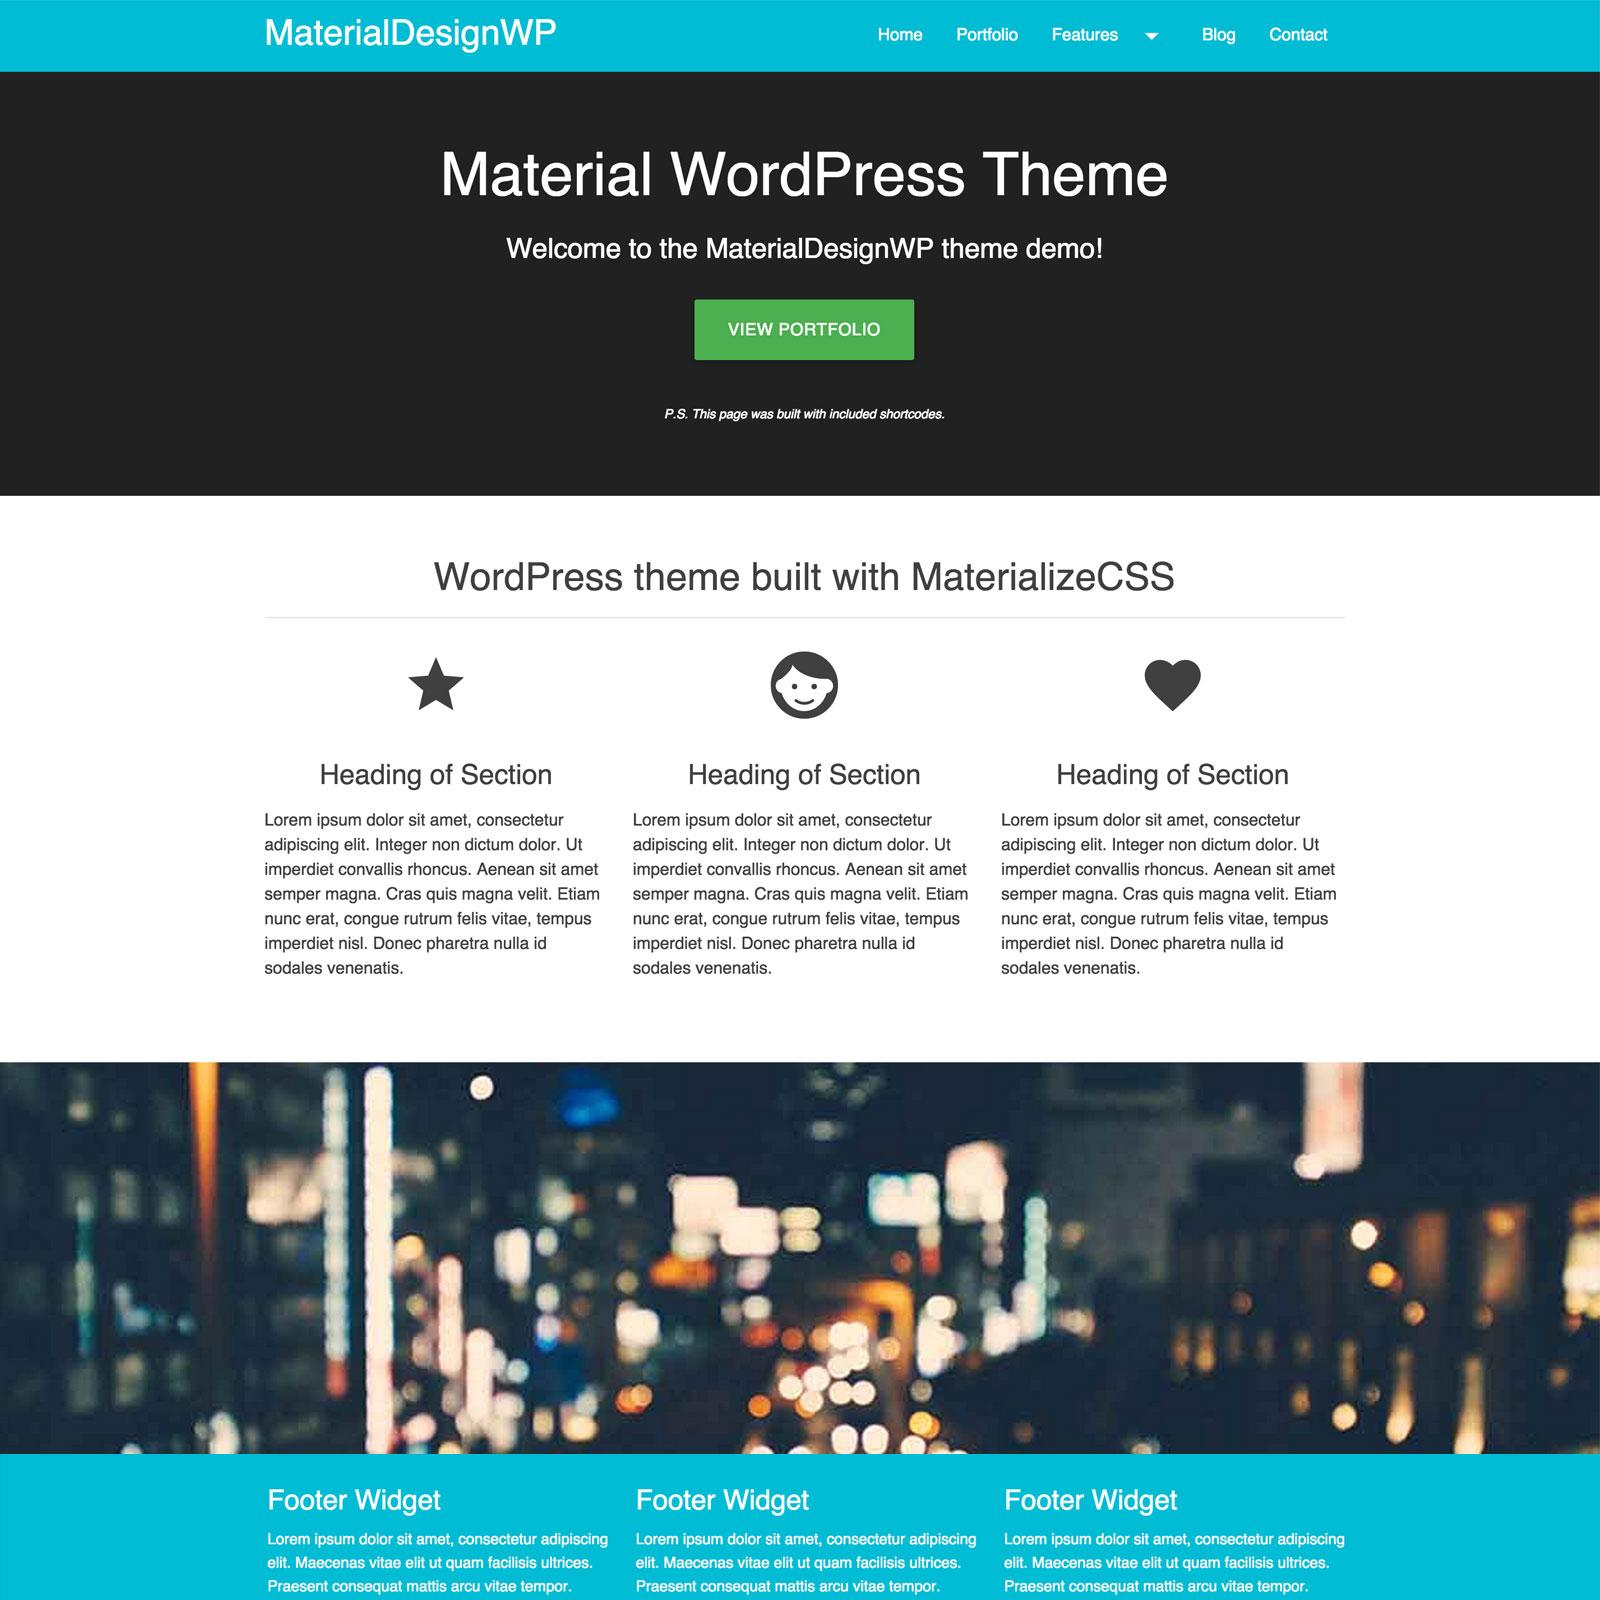 materialdesignwp